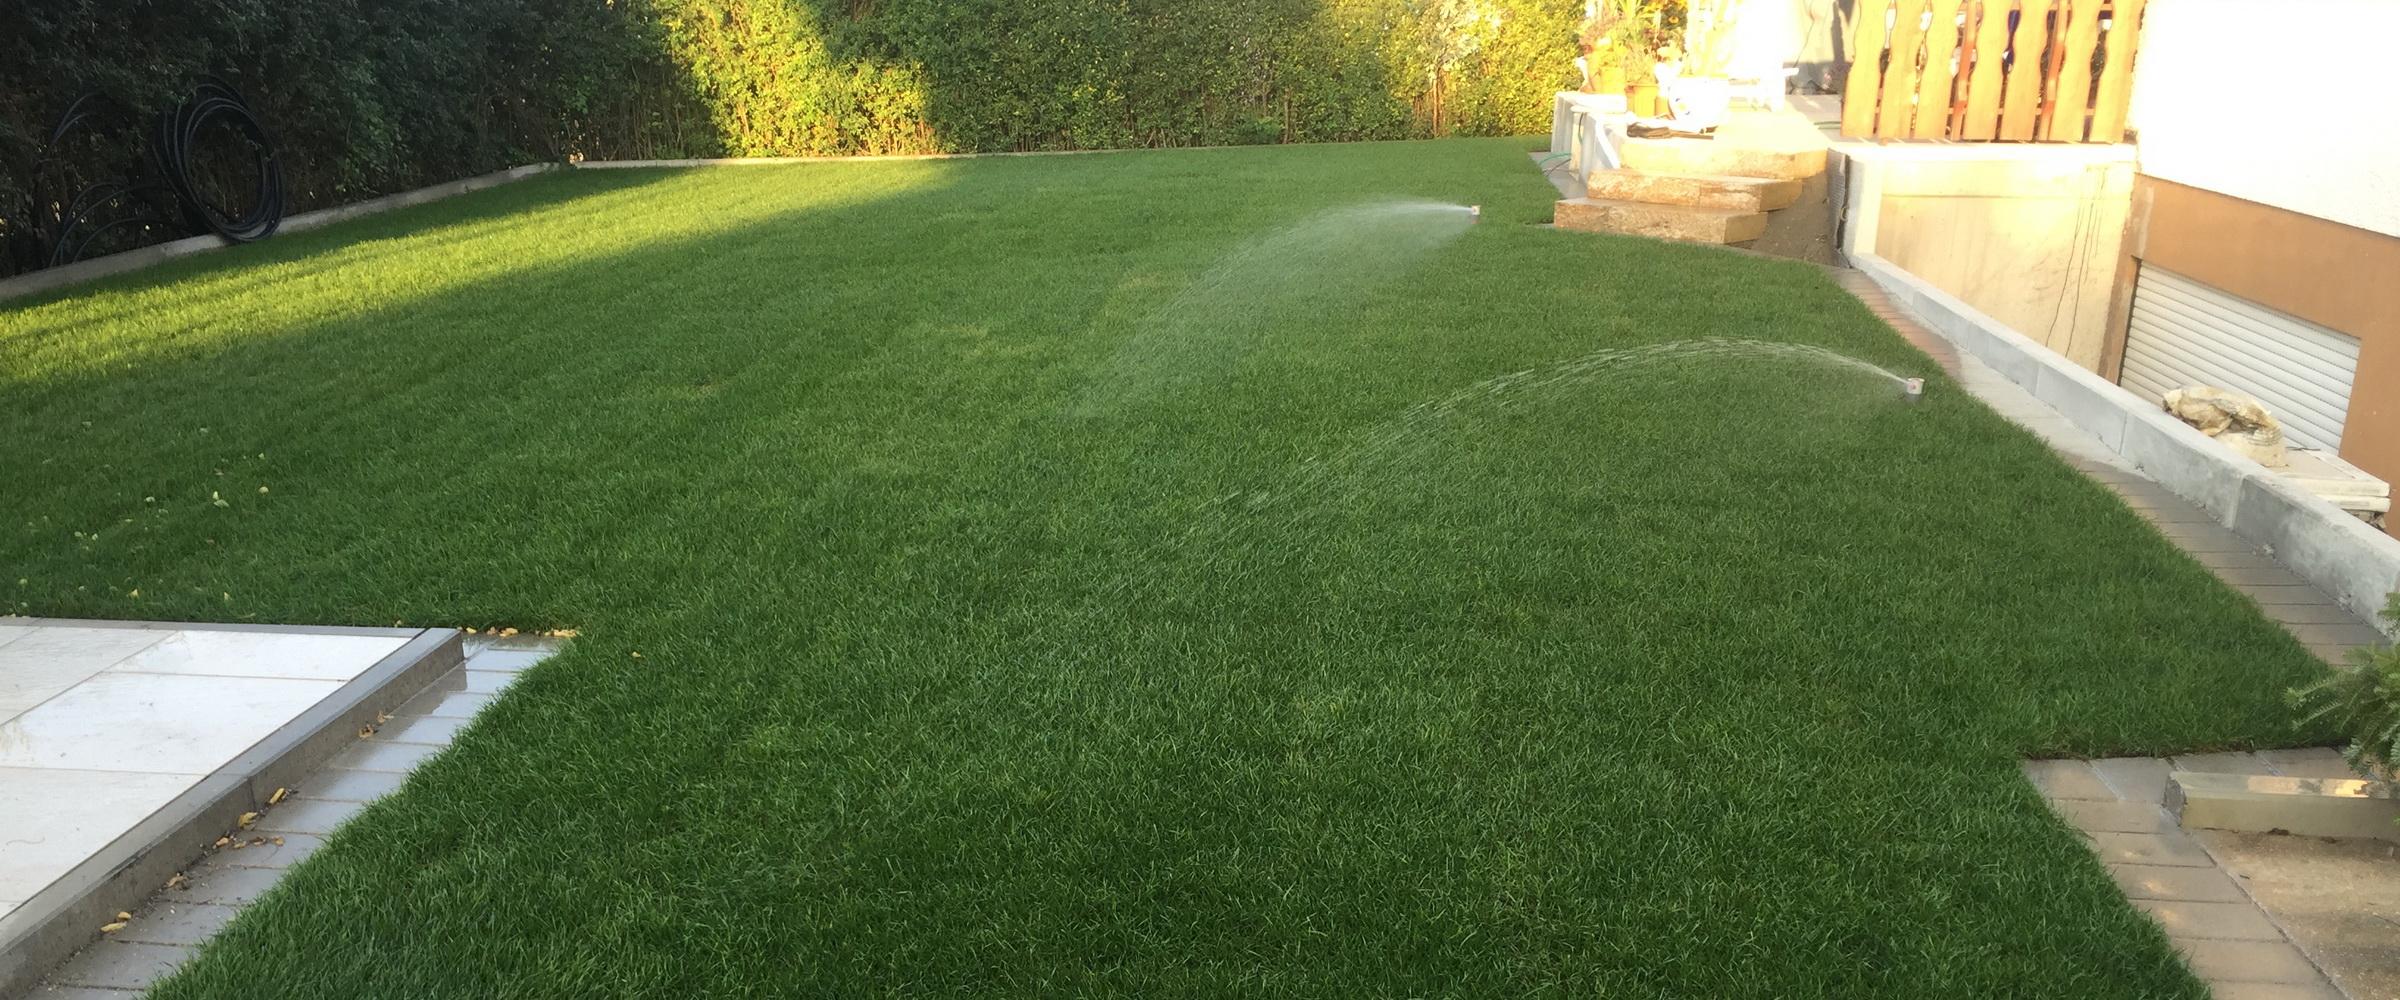 ... kümmern uns auf Wunsch um den Einbau einer Bewässerungsanlage...